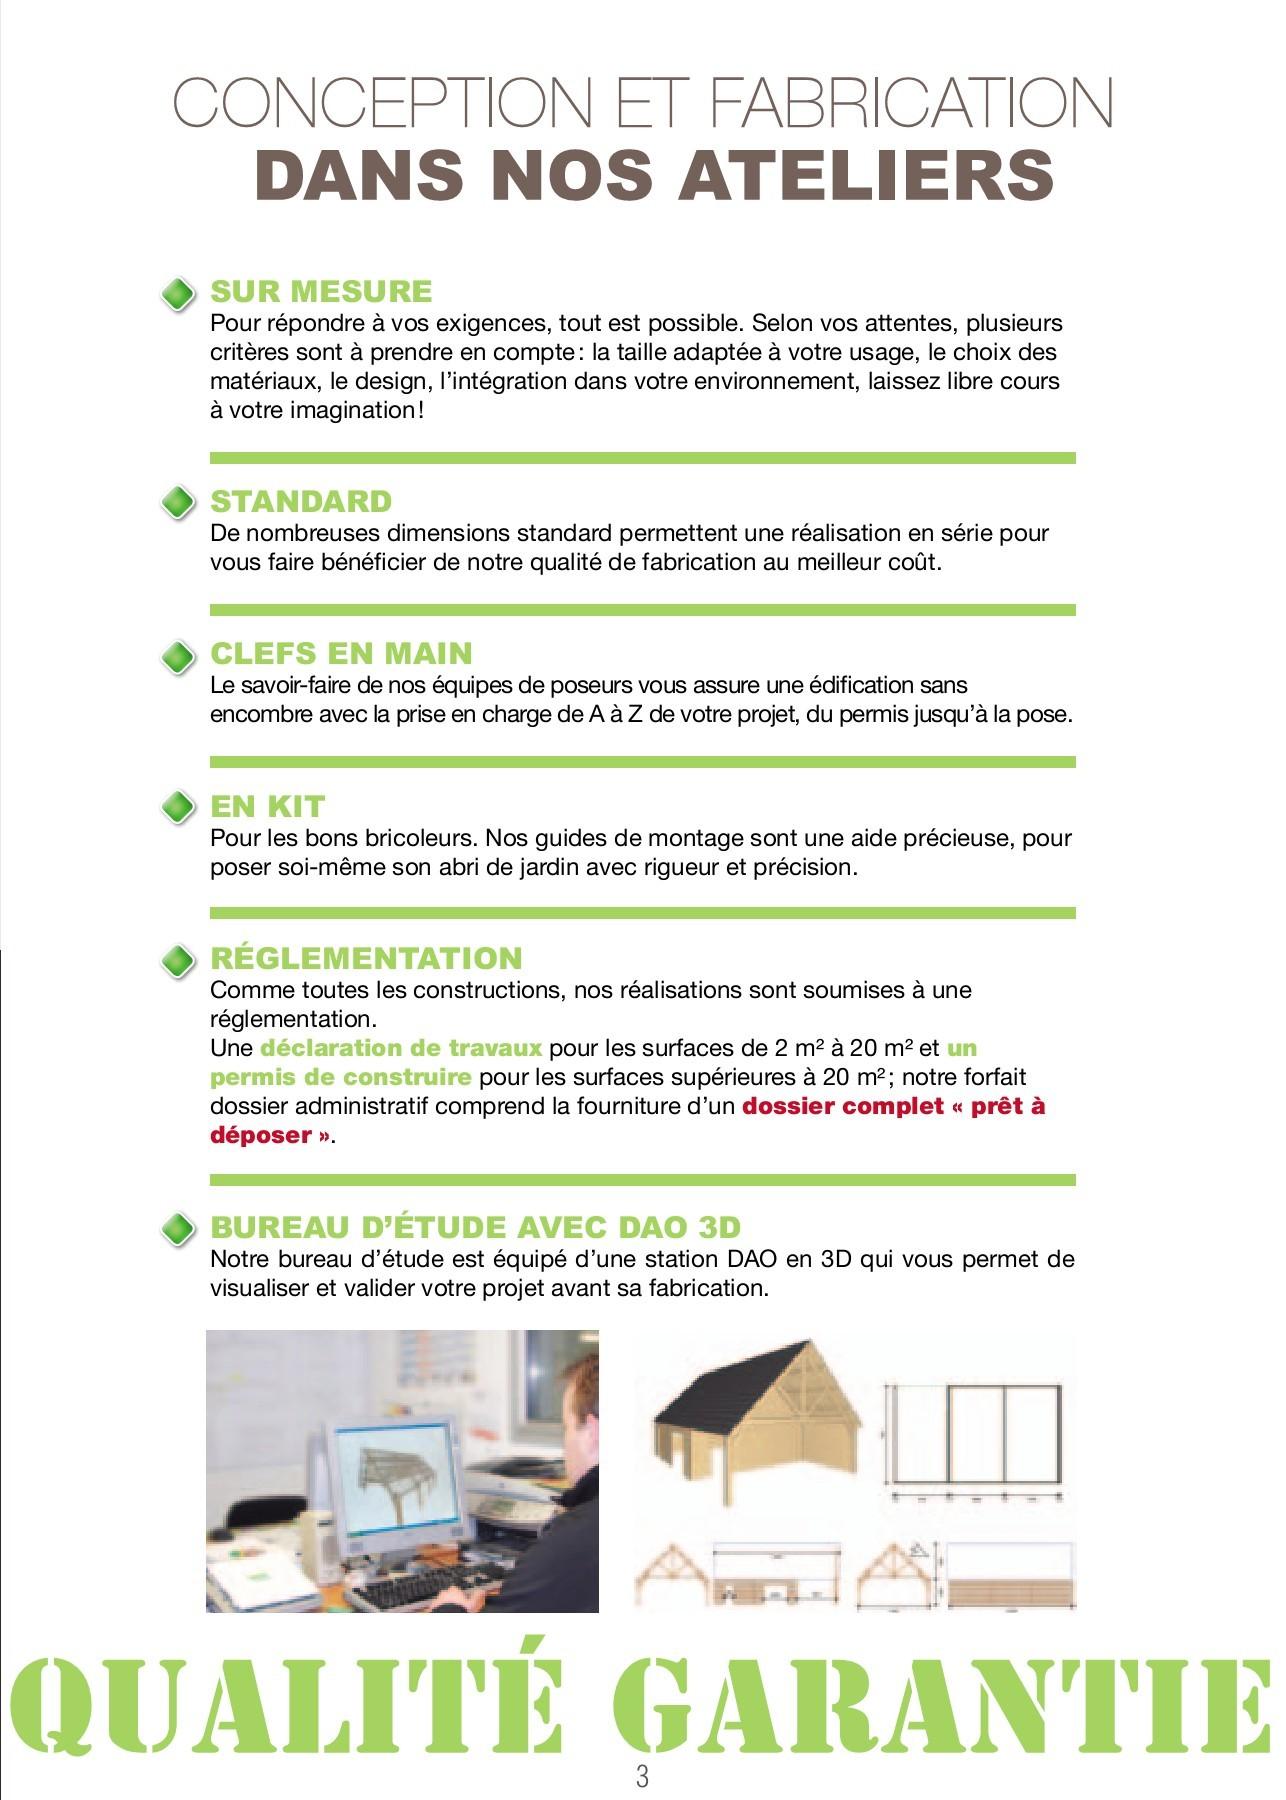 Abri De Jardin Permis De Construire Beau Fabricant Poseur Pages 1 16 Text Version